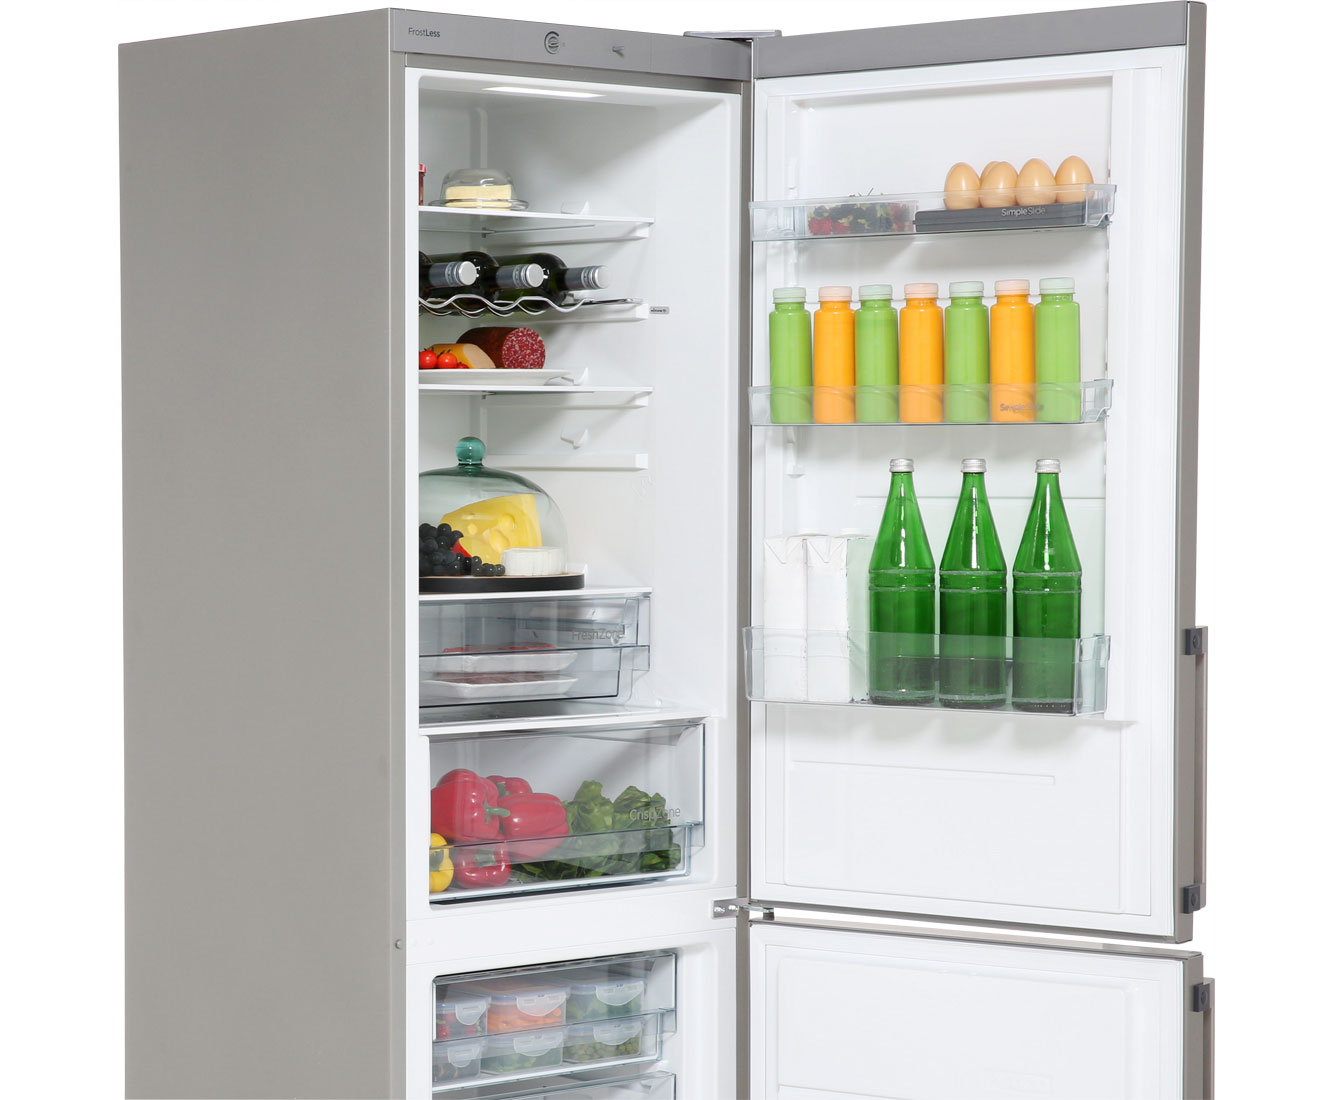 Gorenje Kühlschrank Edelstahl : Gorenje kühlschrank gefrierkombination einbau wasserspender